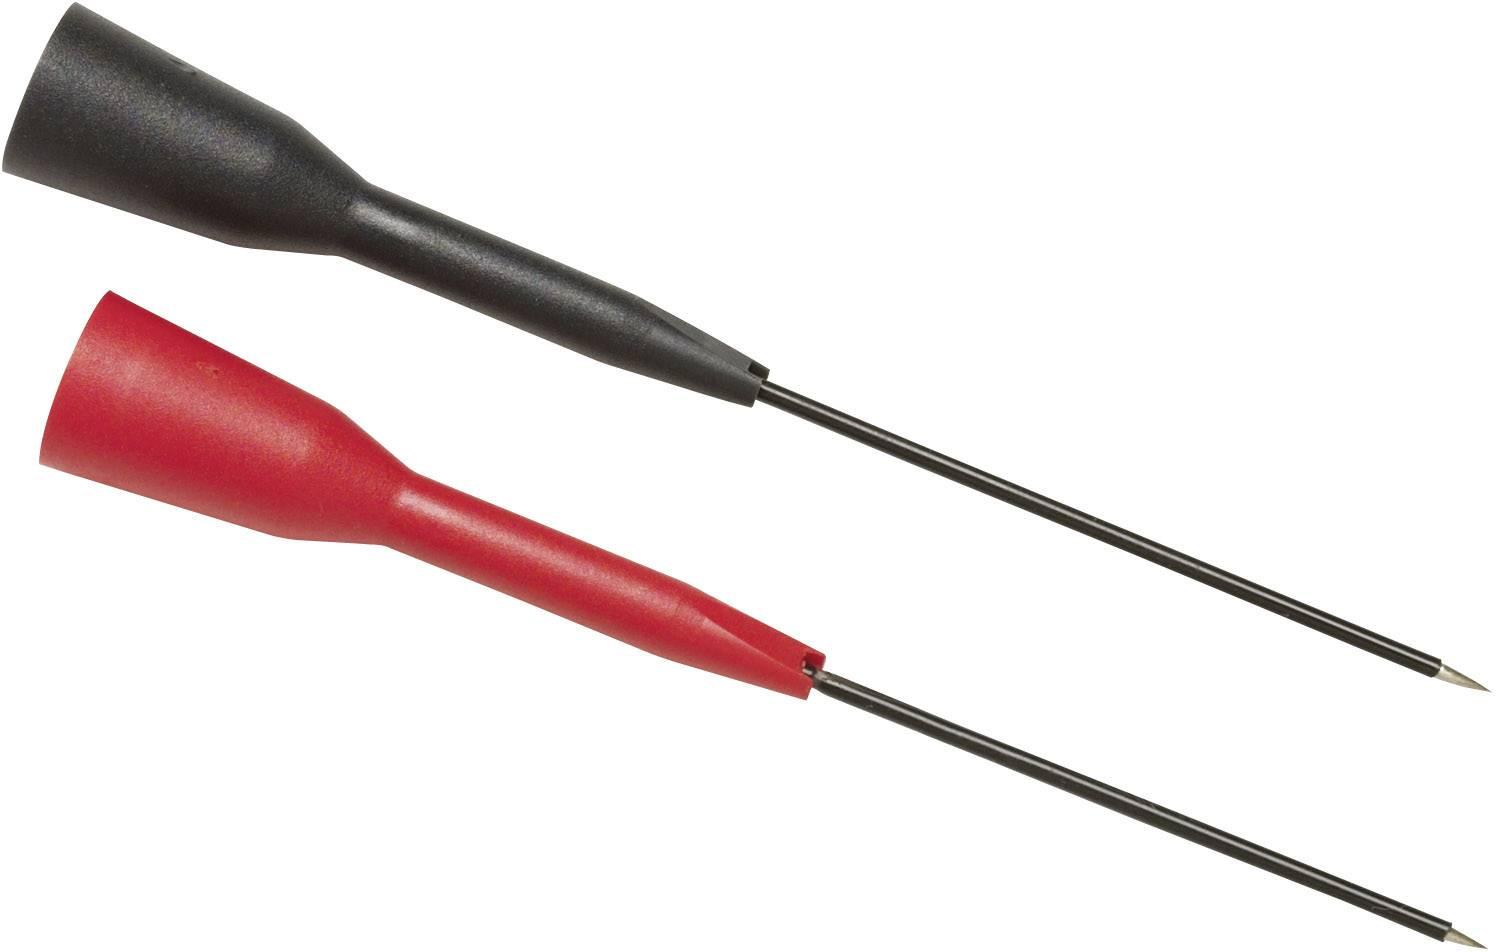 Sada zkušebních hrotů Fluke TP88, zásuvka 2 mm, CAT I, červená, černá